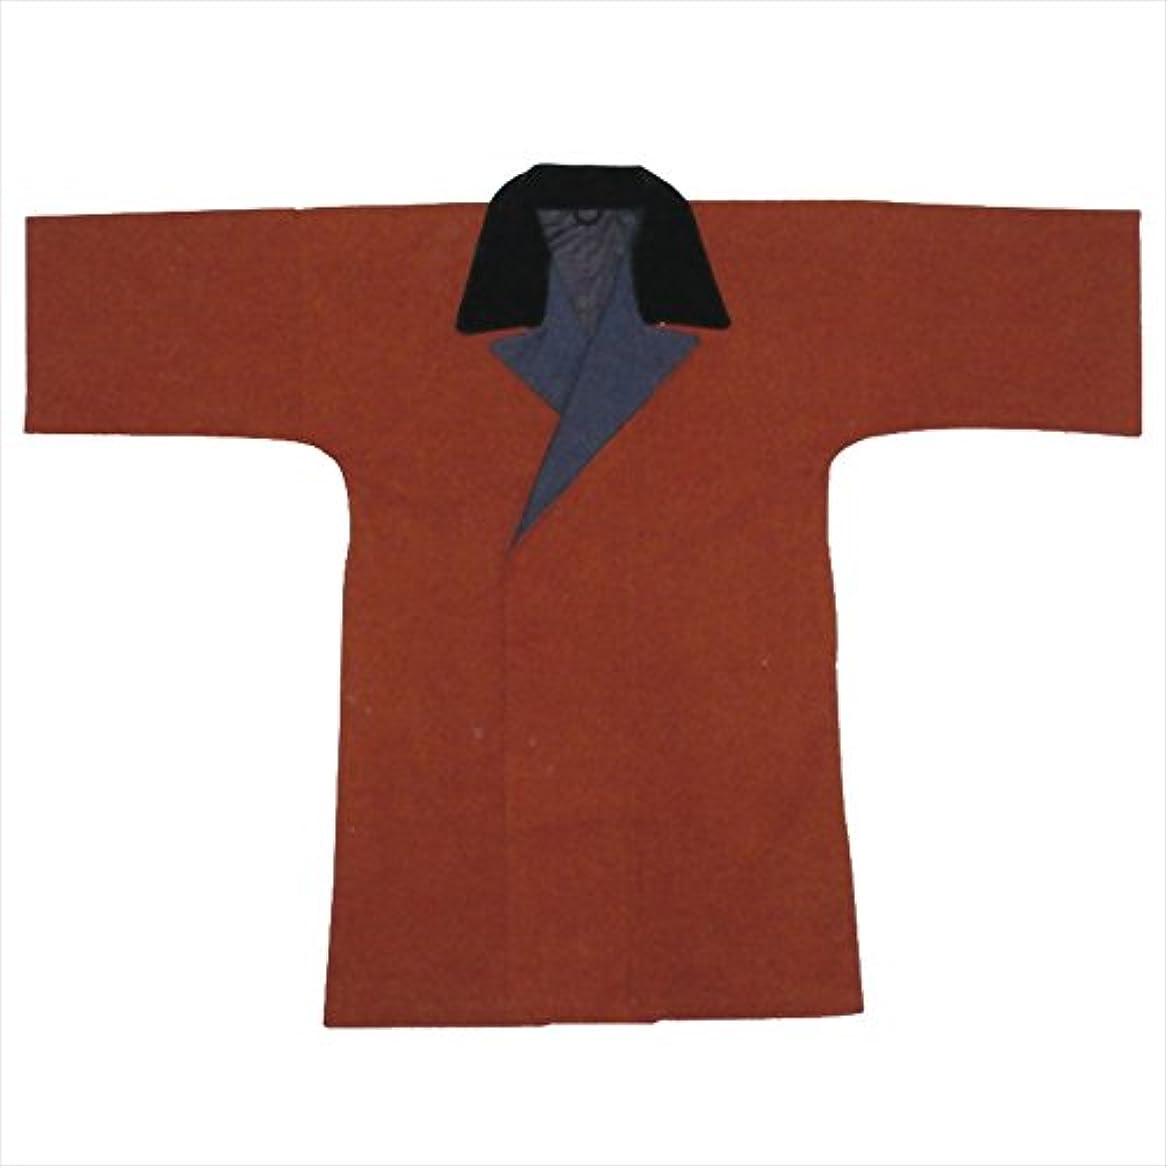 不忠染料昨日袢天コート ポケット付き 濃紺?茶?濃紺縞 B581-583